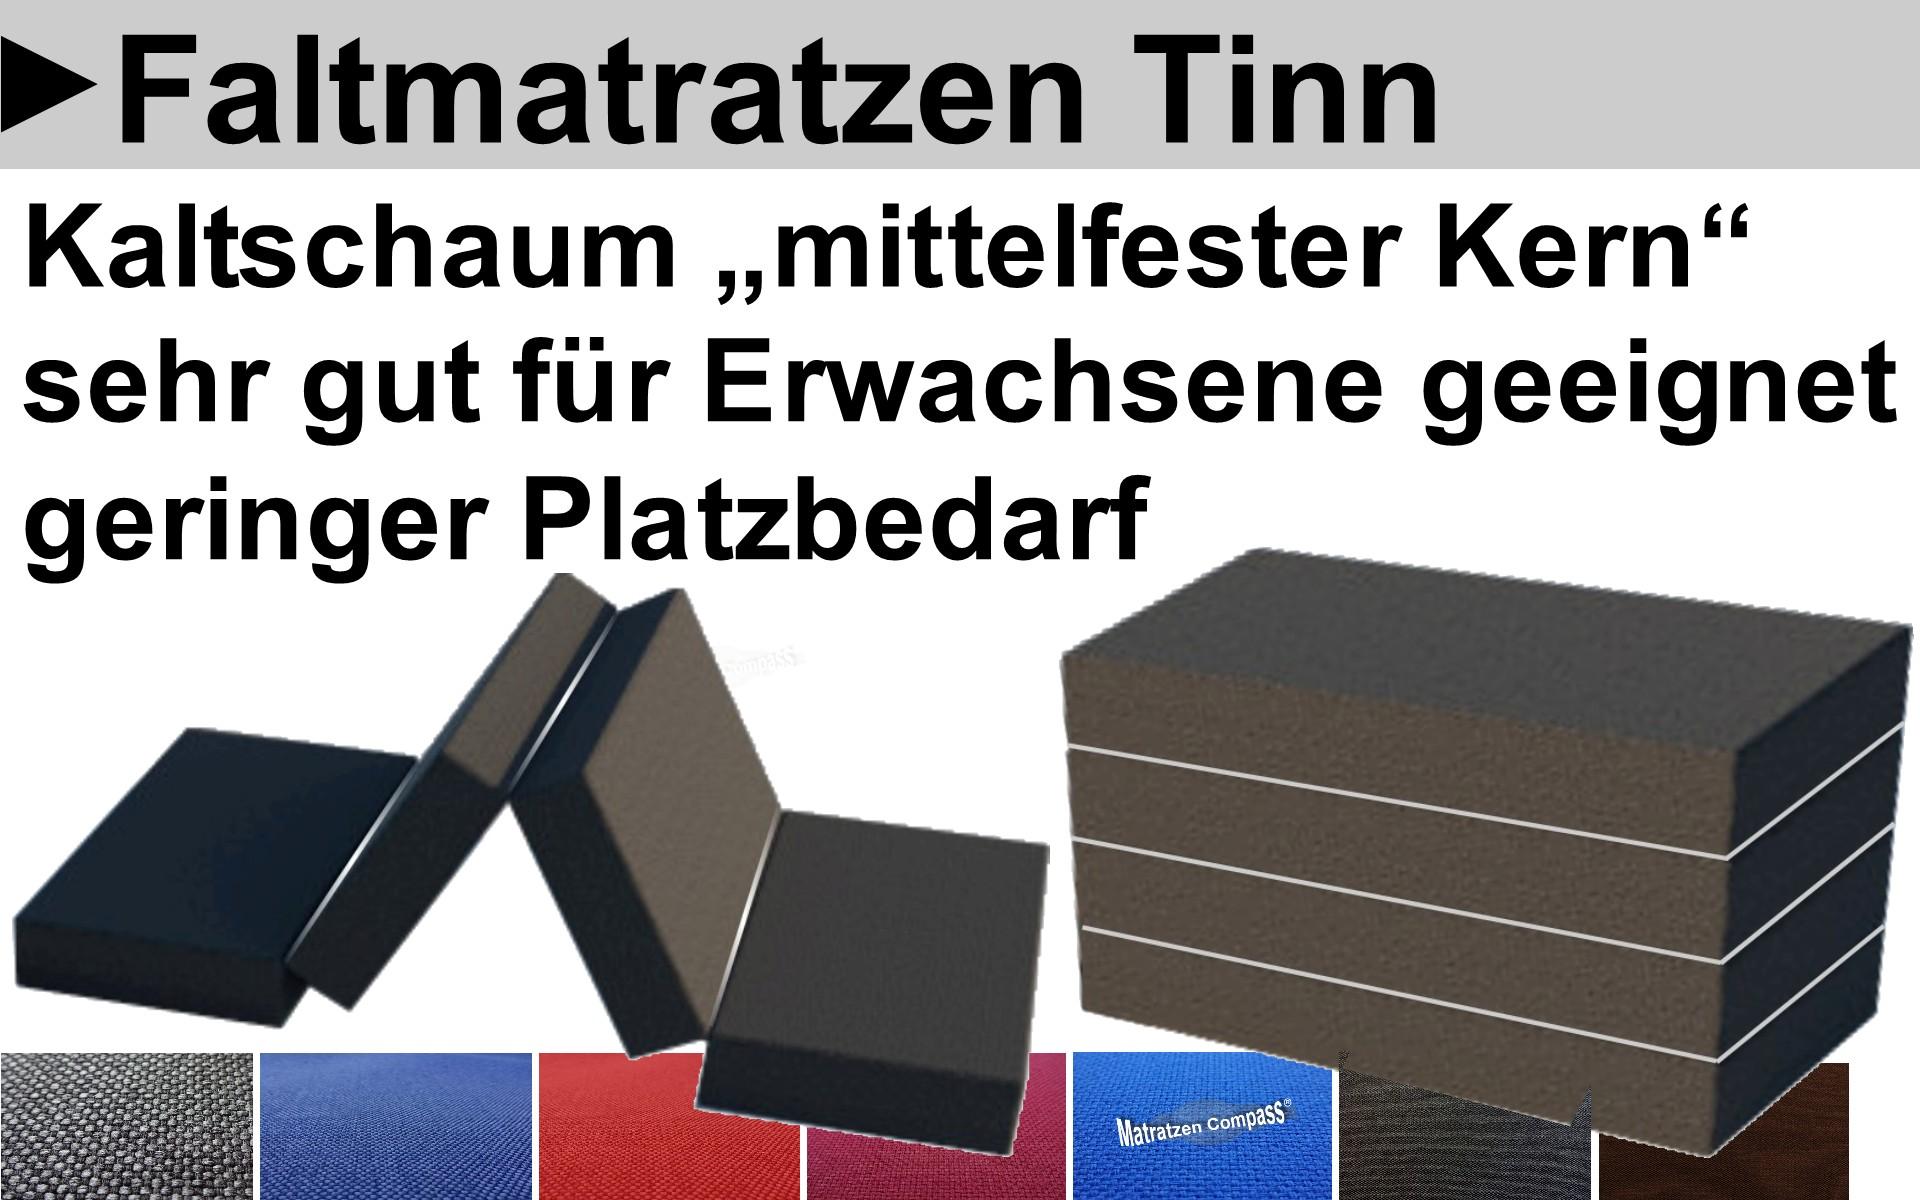 Faltmatratzen-Tinn-platzsparend_Klappmatratzen-platzsparend_Faltmatratzen-4-teilig-Tinn_Klappmatratzen-4-teilig-Tinn_faltbare-Matratzen-Tinn_4-teilige-Auflagen_klappbare-Auflagen_A